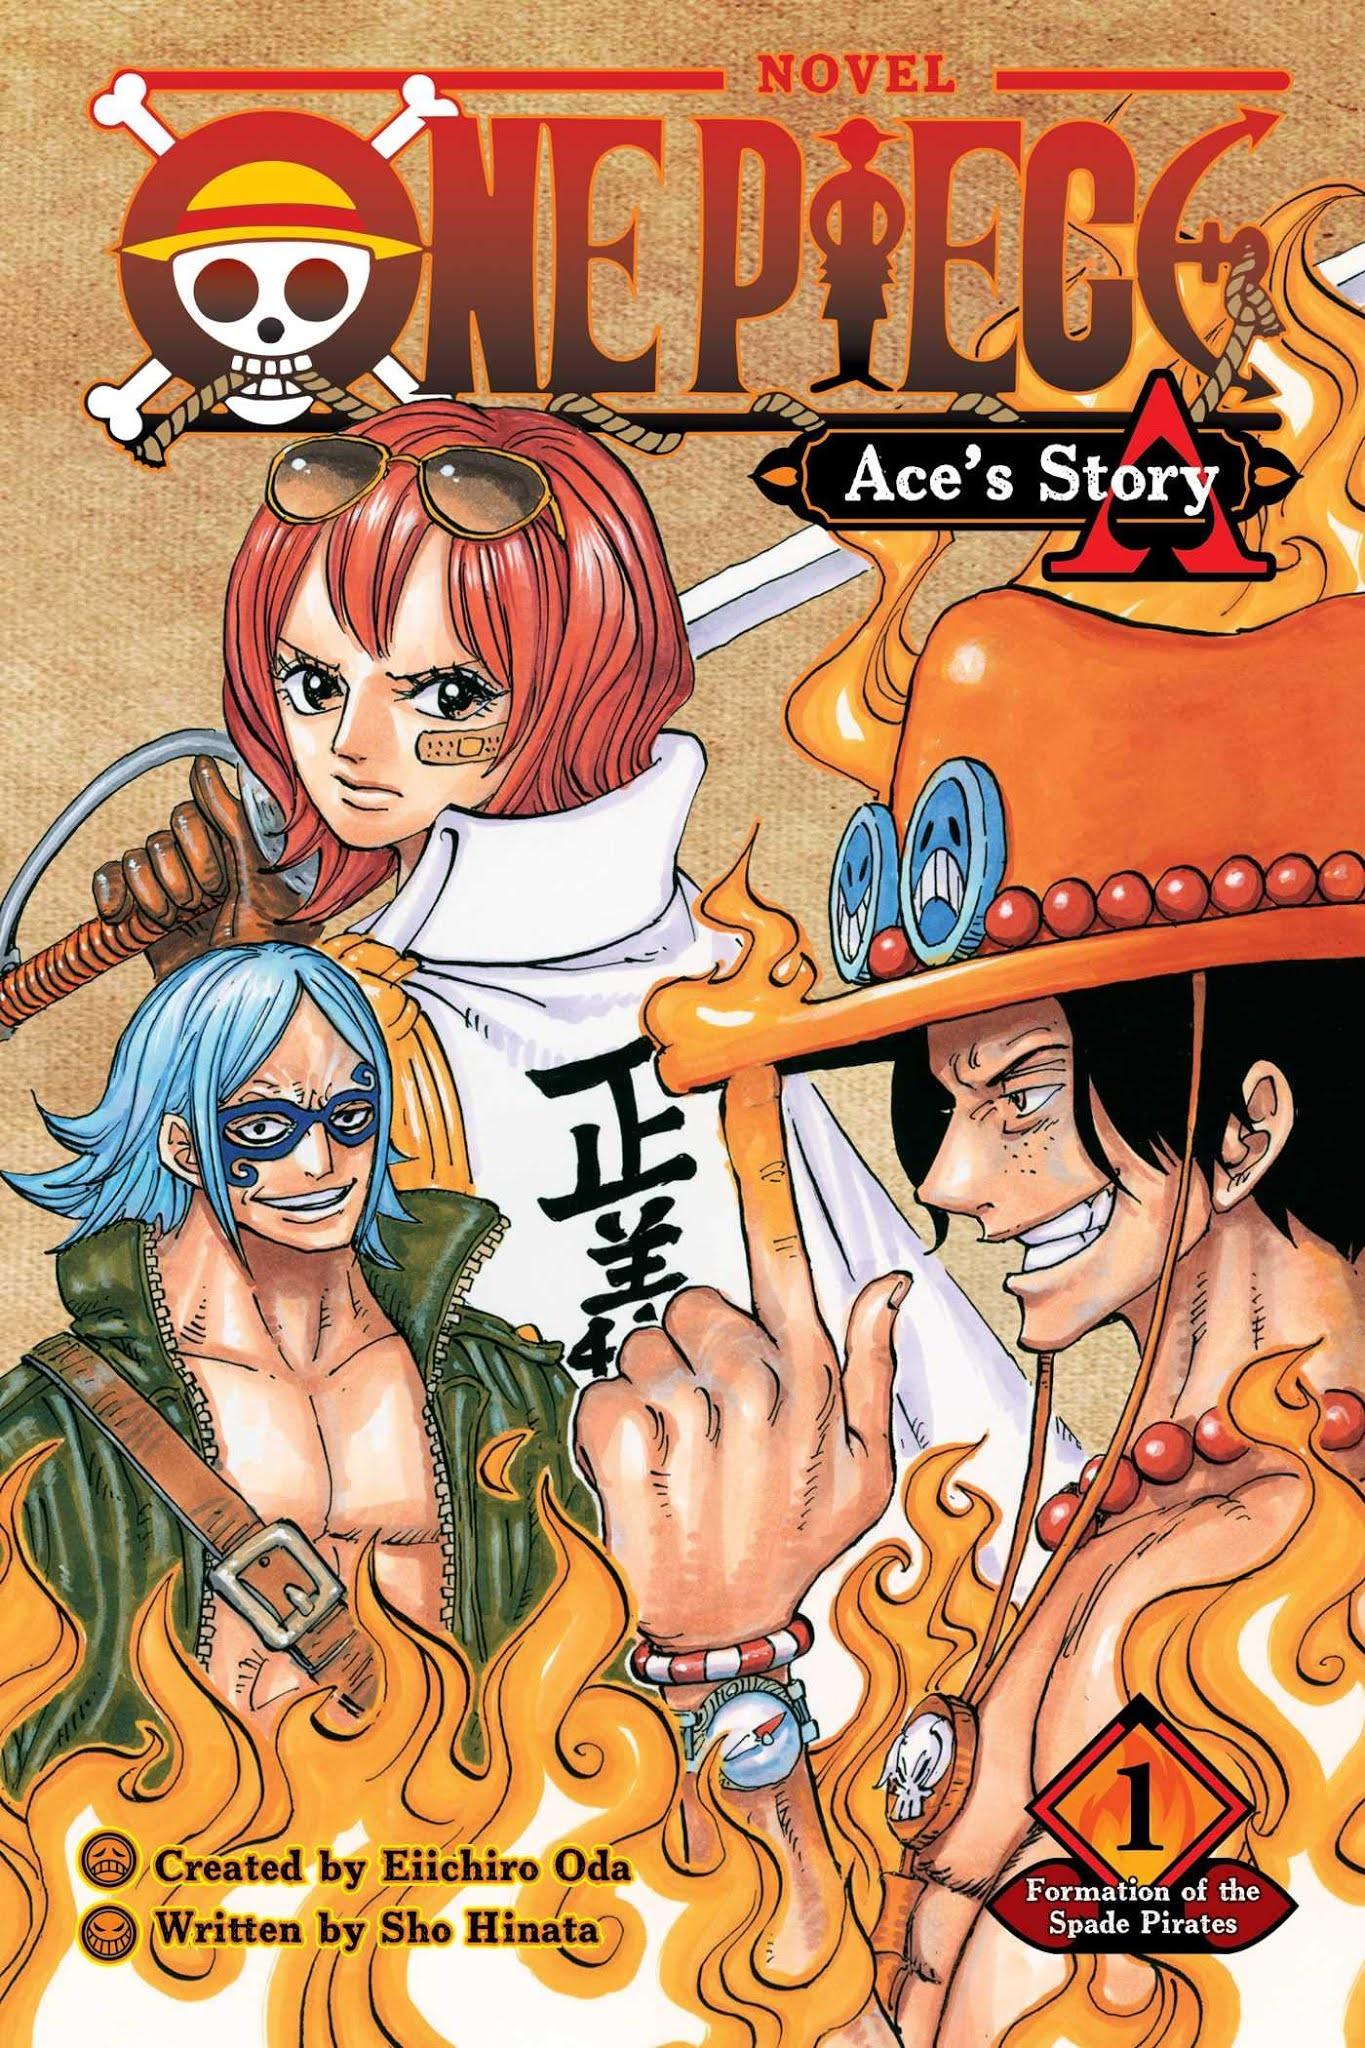 رواية One Piece: novel A(ce) الفصل 4